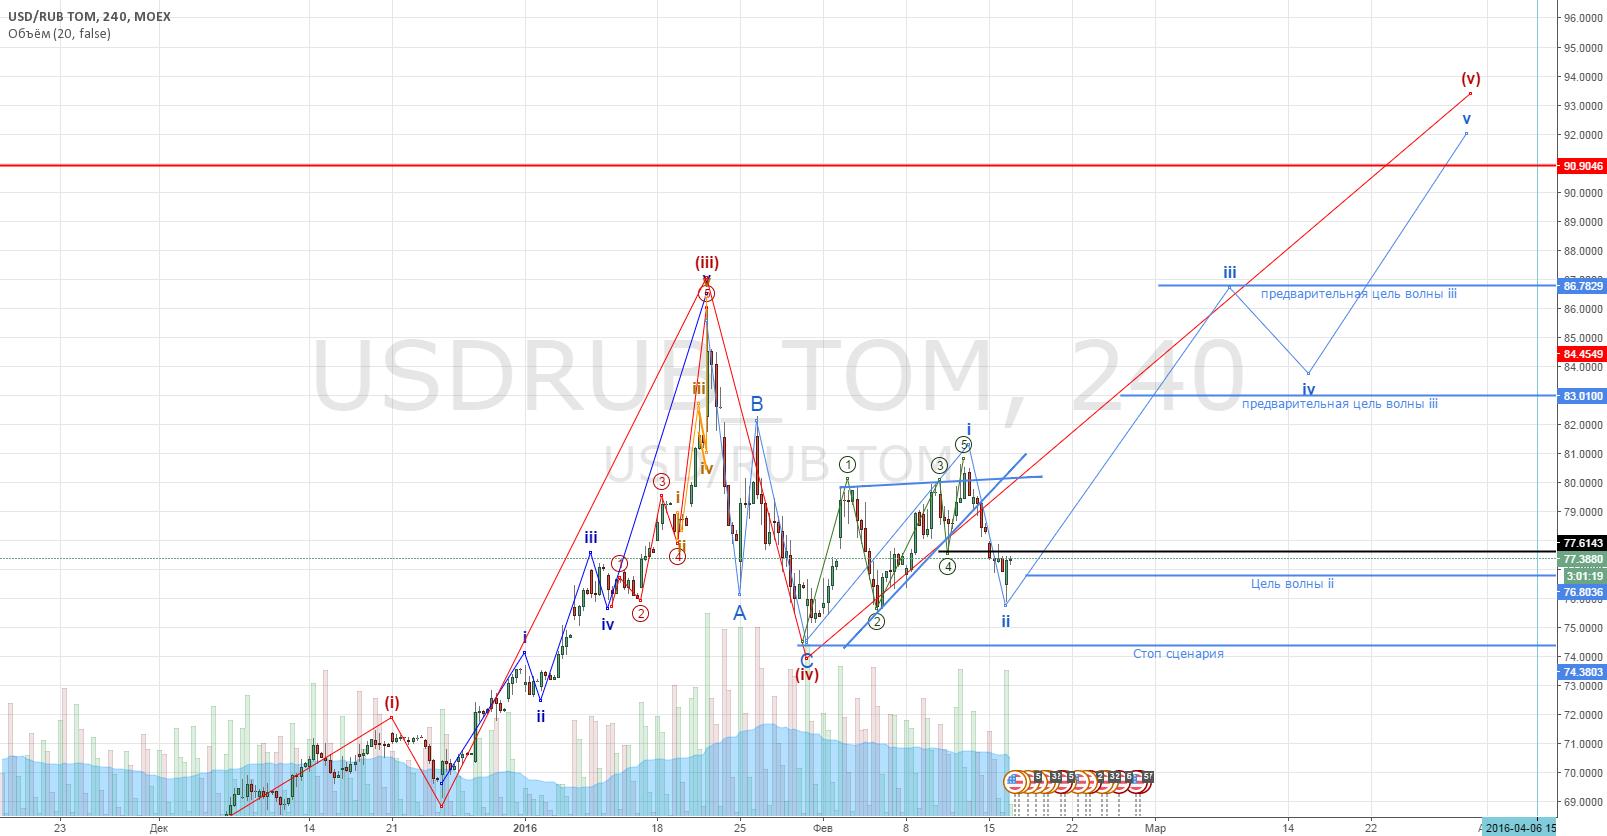 Рубль-$. Следим за развитием (v) волны.